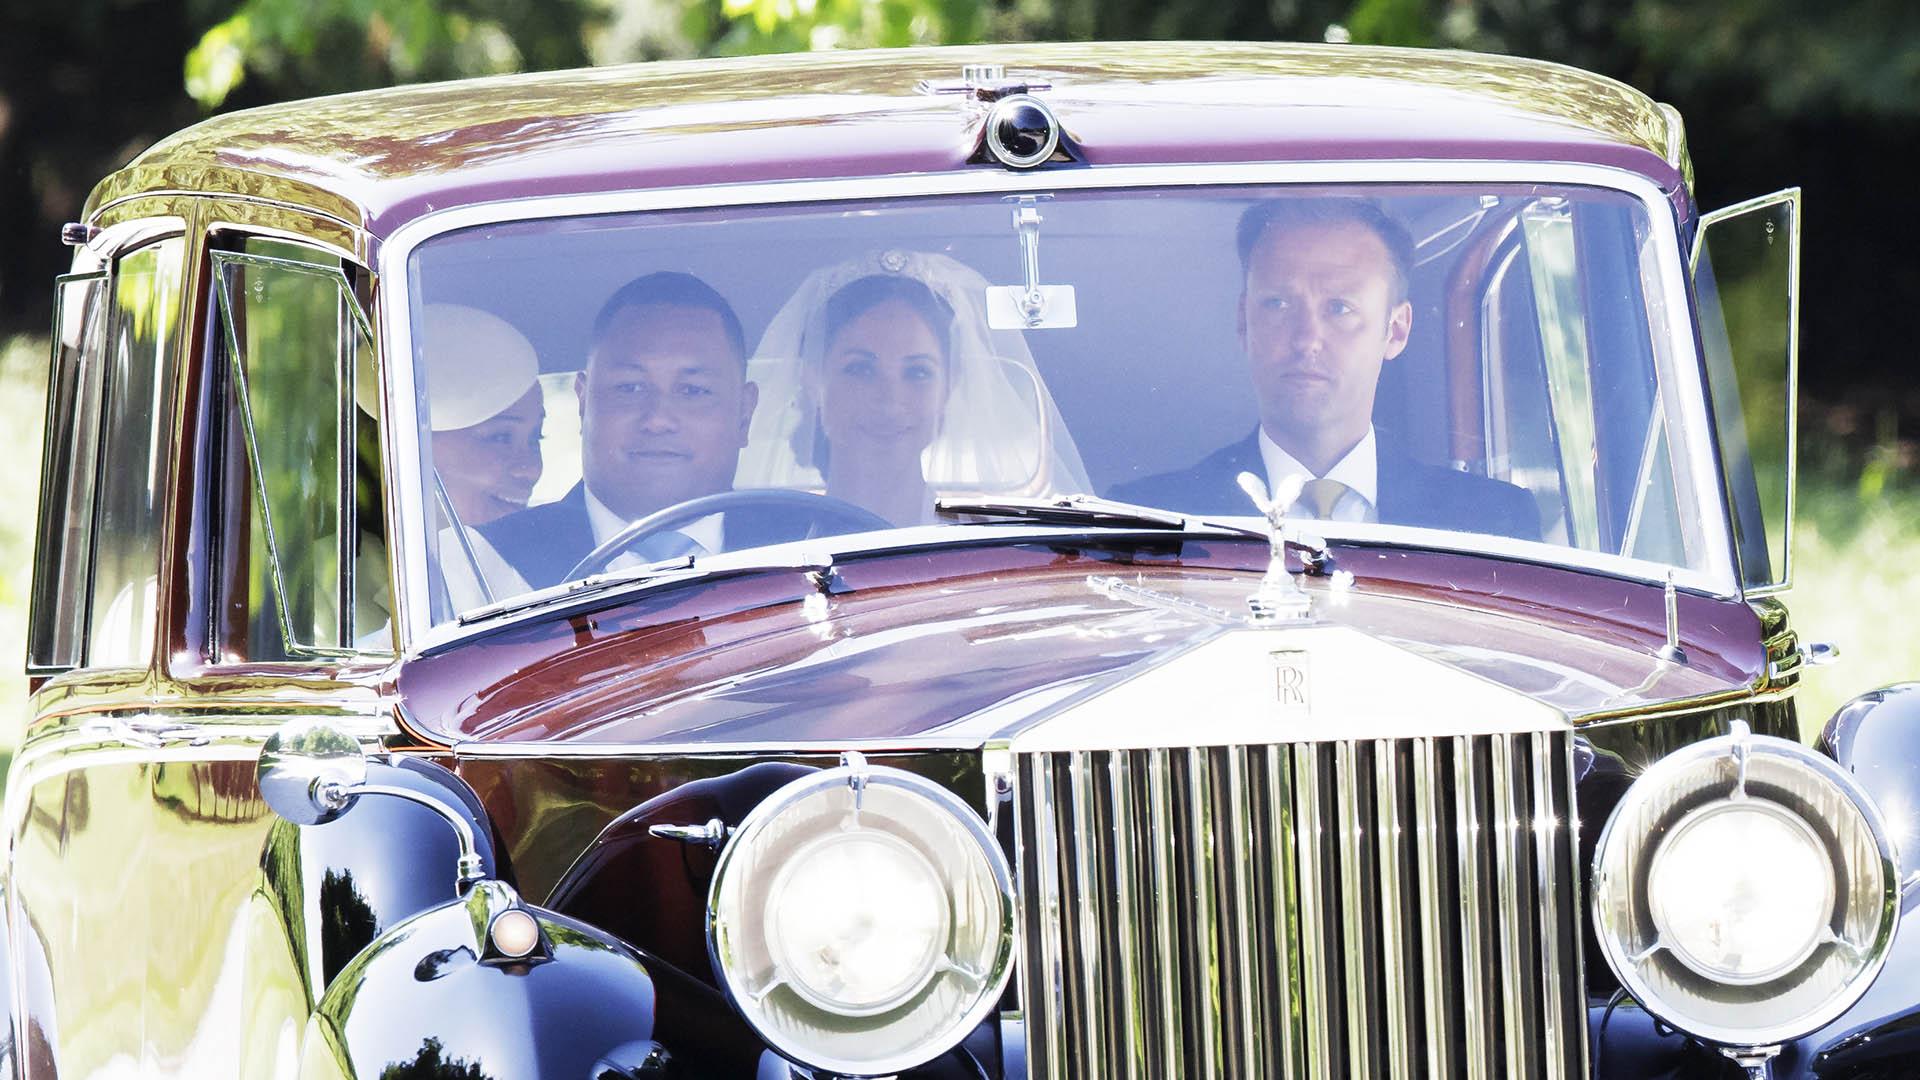 El padre de la actriz, Thomas Markle no estuvo en la boda por razones de salud. Pero muchos afirman que la familia real había visto como inadmisible que se hubiera prestado a escenificar fotos para unos paparazzi y luego venderlas (AP)